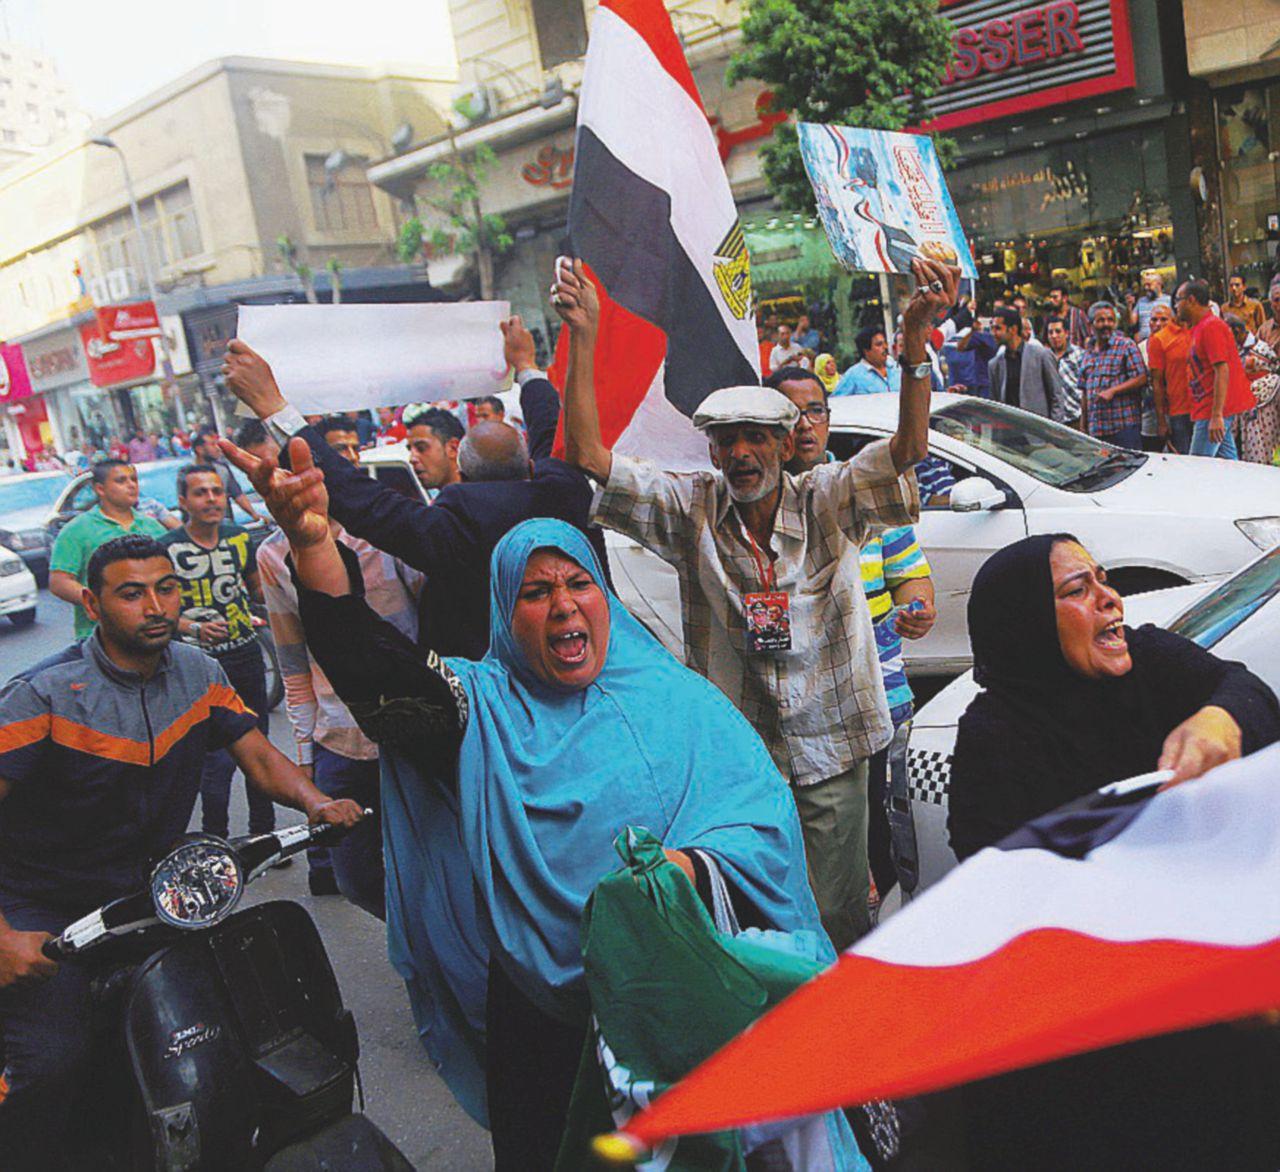 Al-Sisi è un raìs, ma senza di lui sarebbe ancora peggio